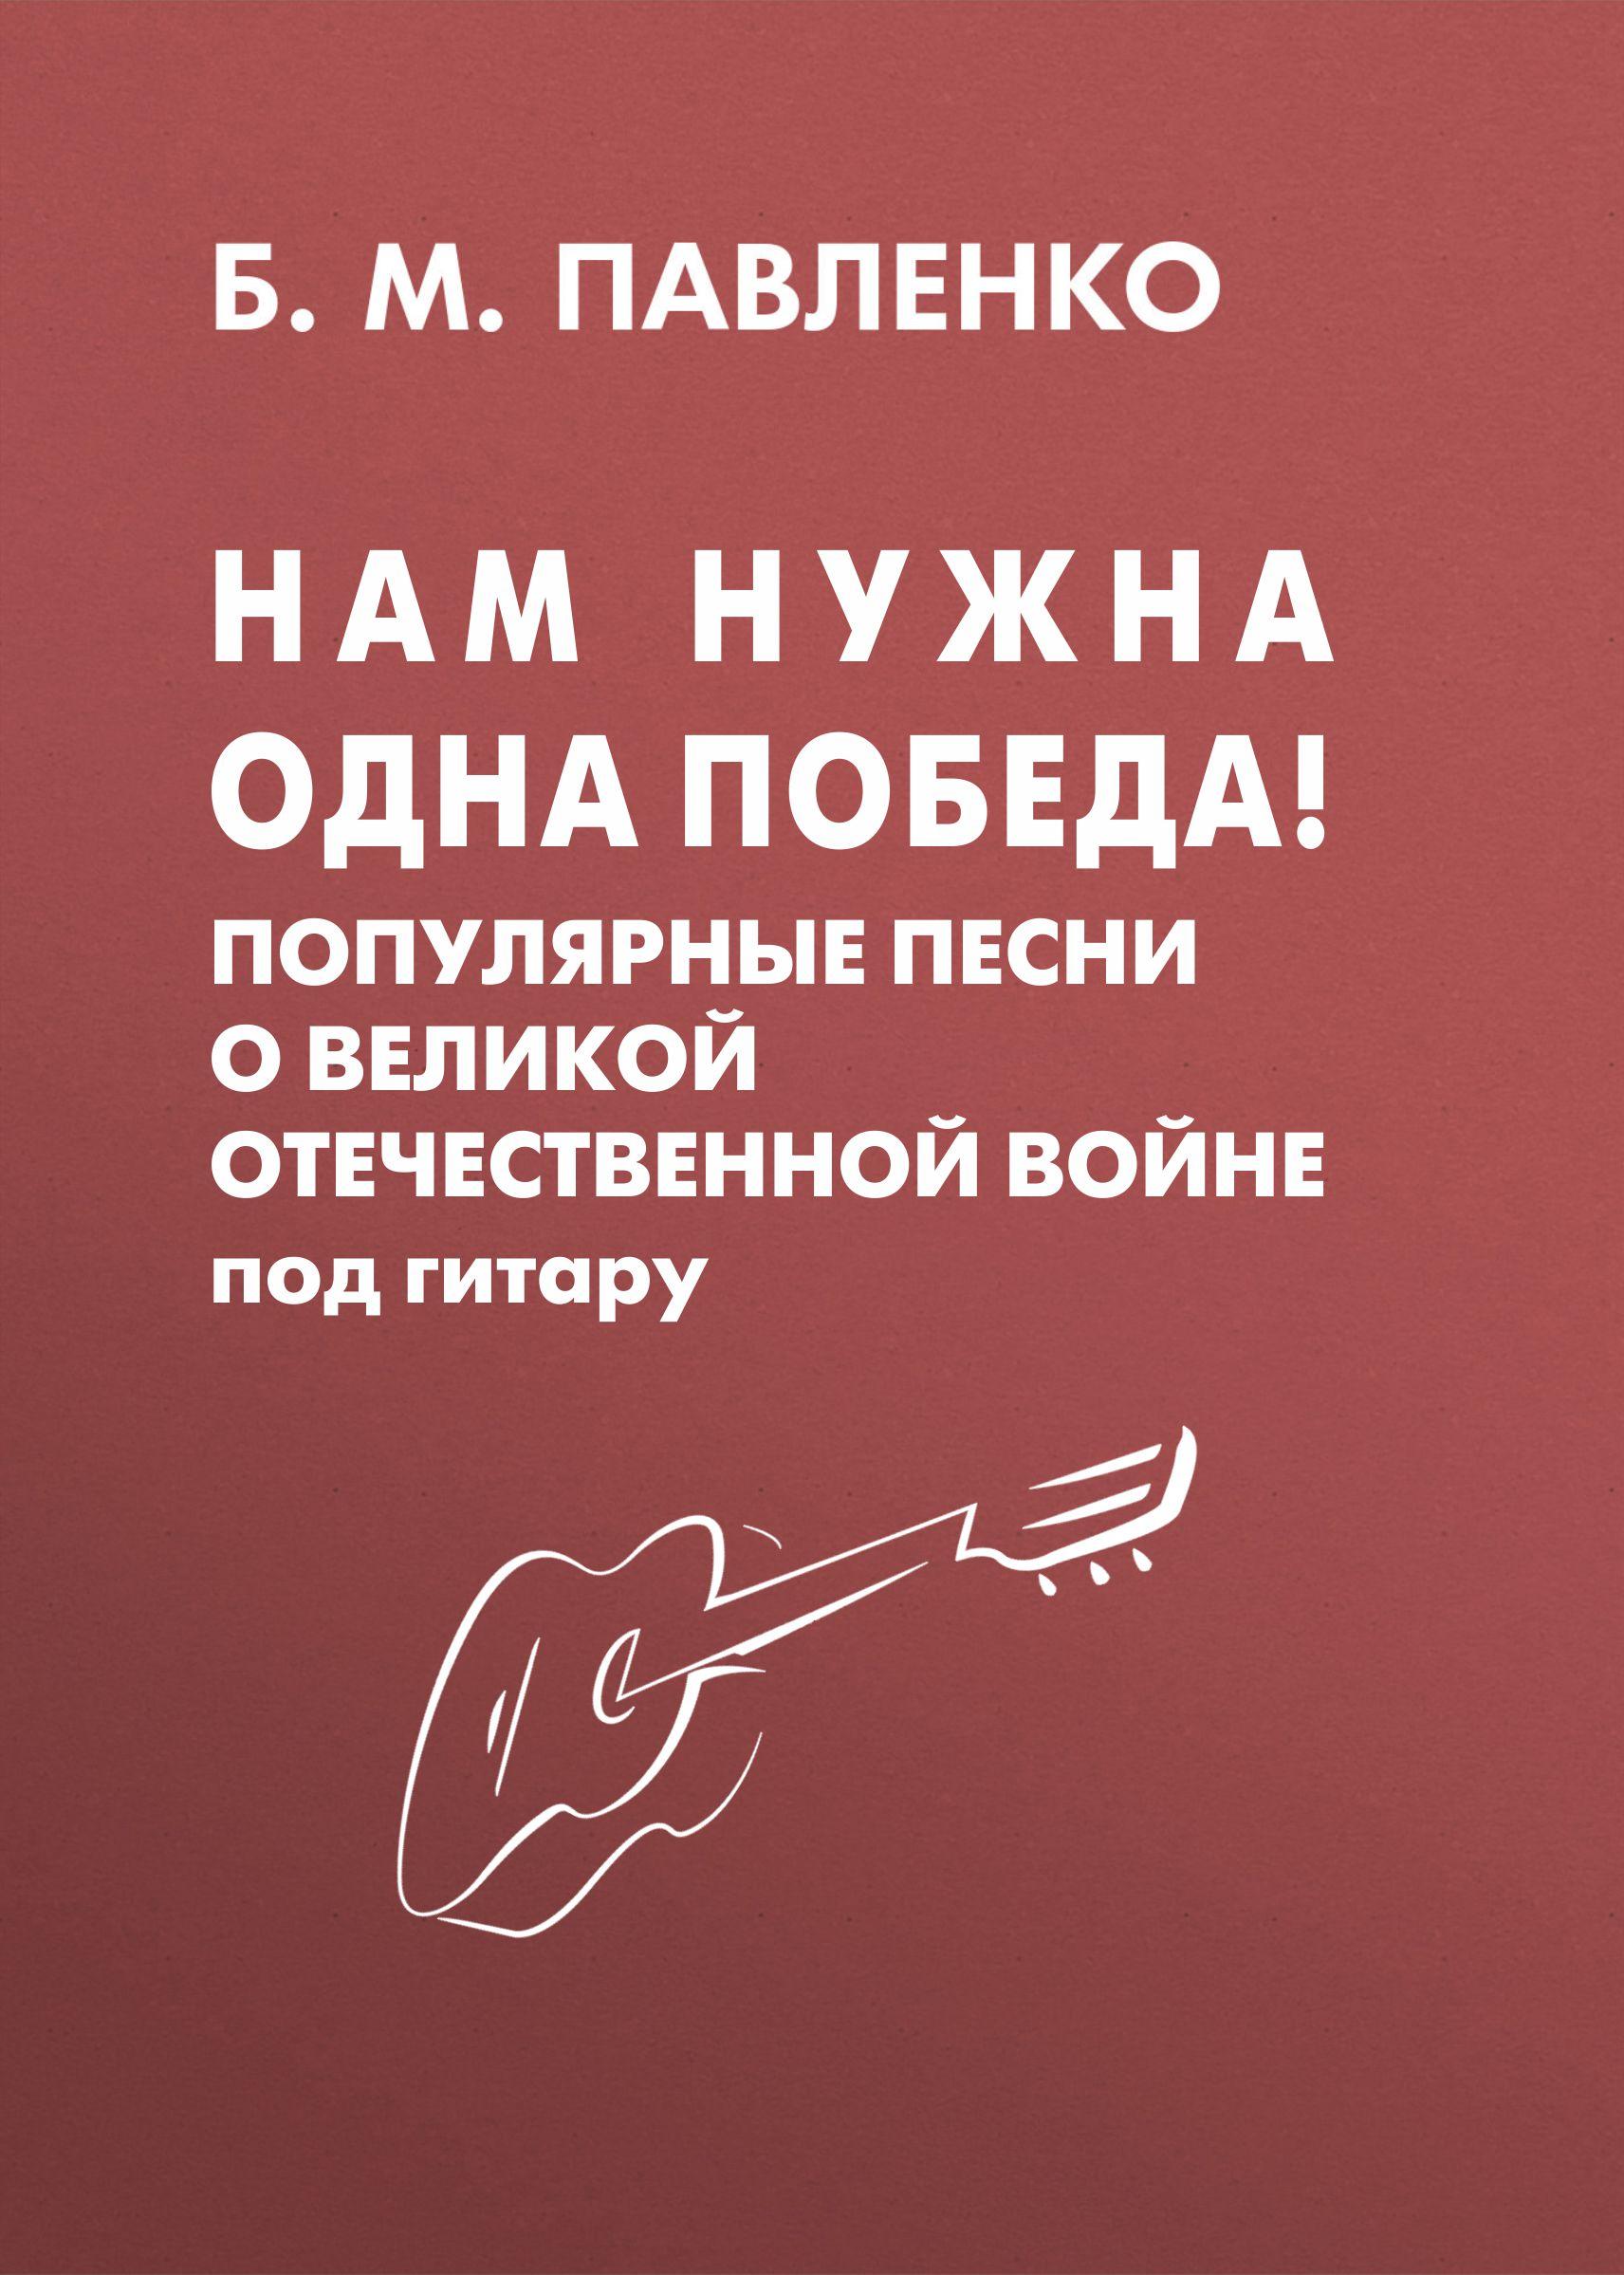 Б. М. Павленко Нам нужна одна Победа! Популярные песни о Великой Отечественной войне под гитару б м павленко от всей души песенник популярные русские песни и романсы с нотами и аккордами